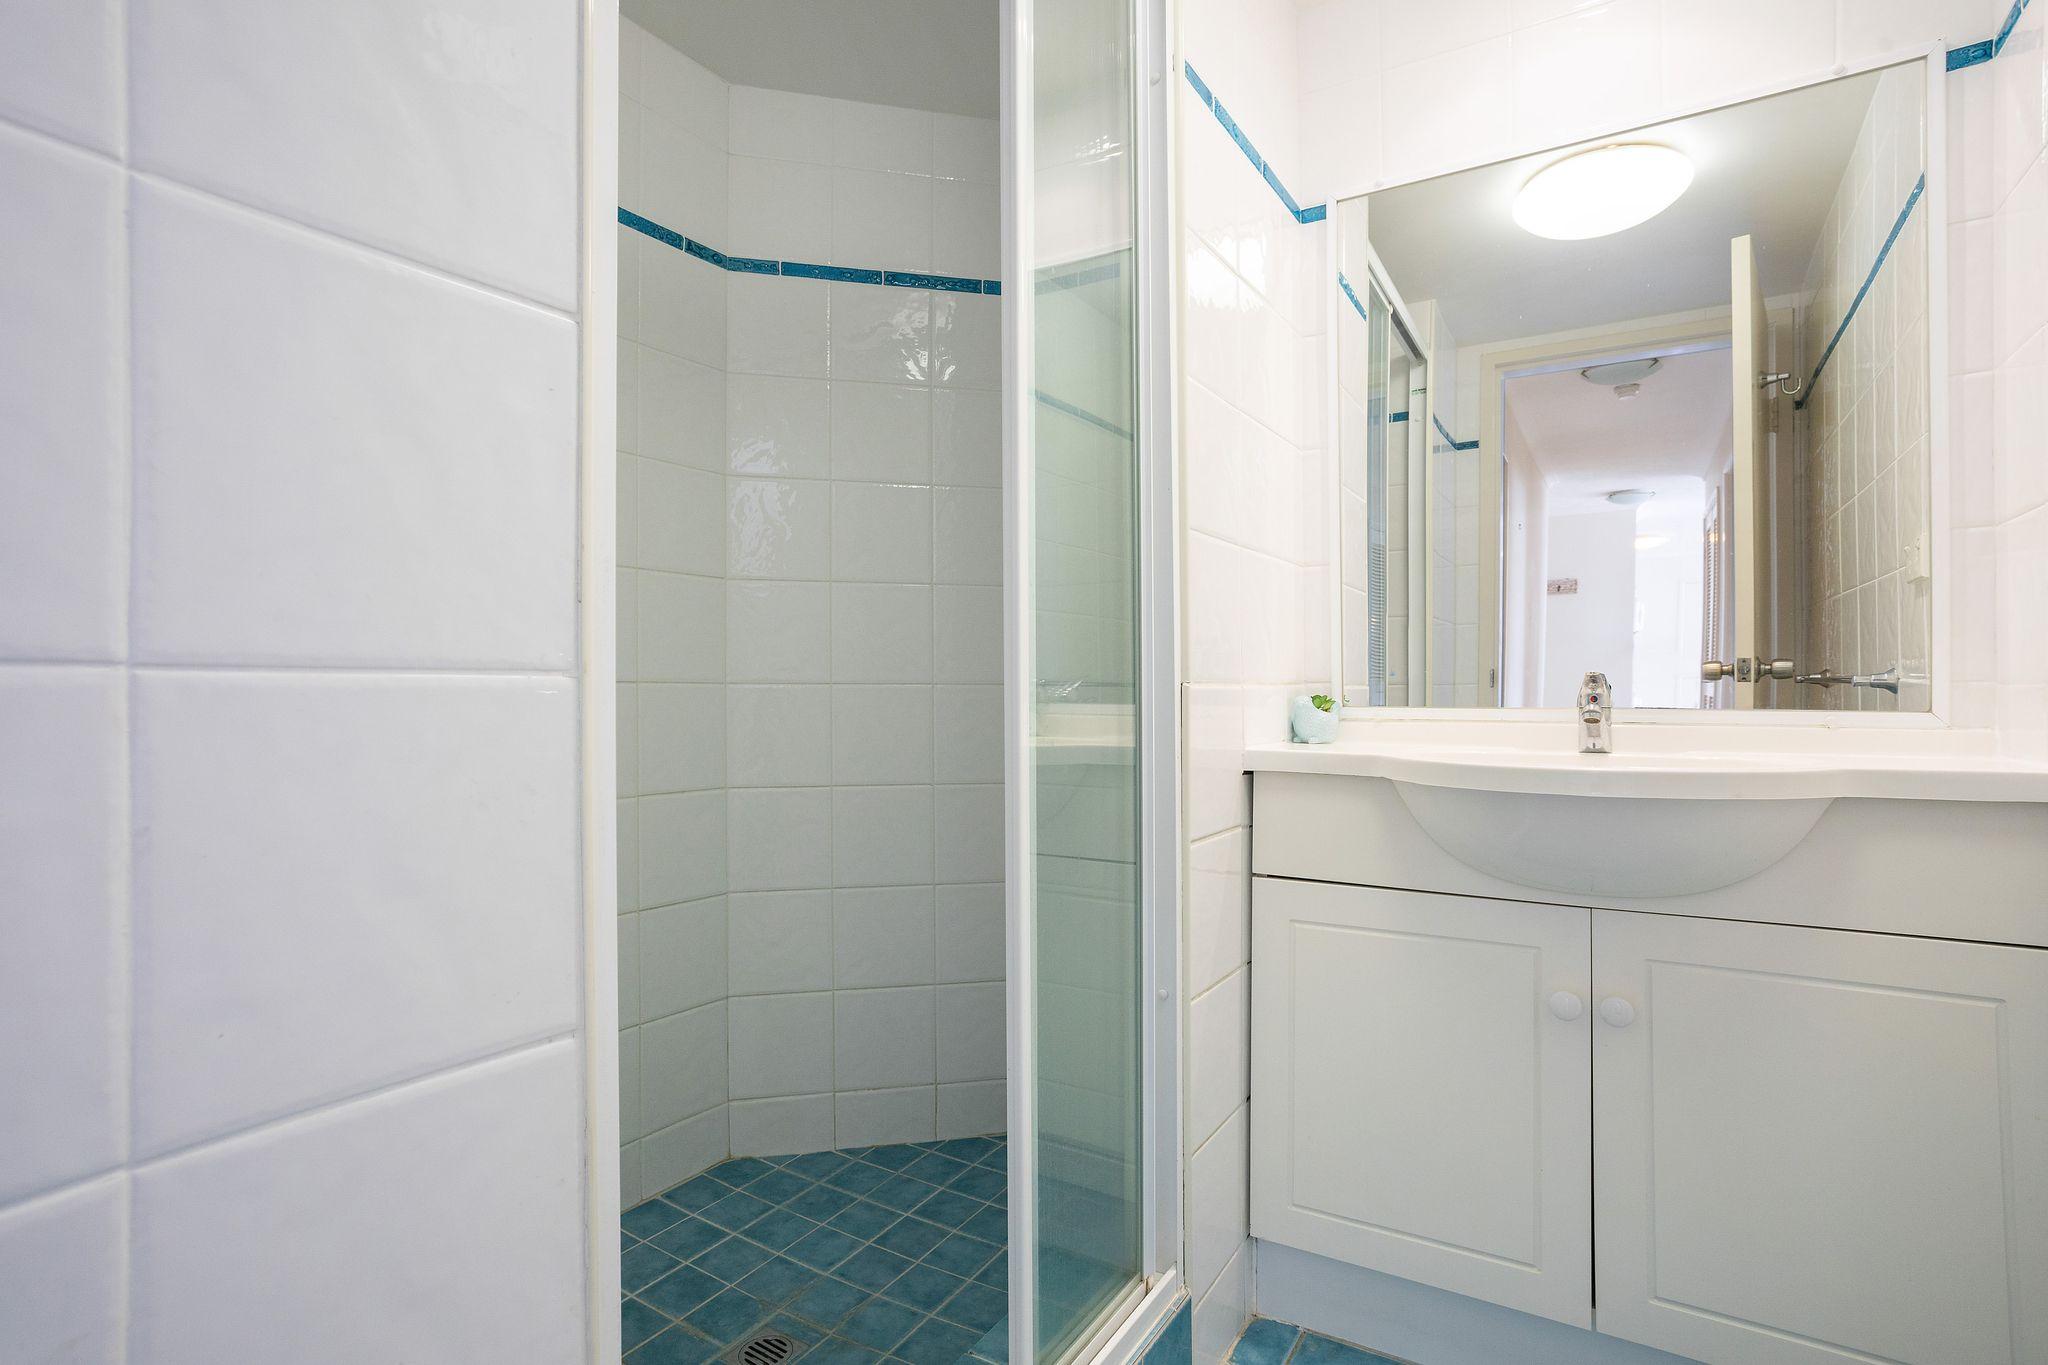 Unit-702-Bathroom